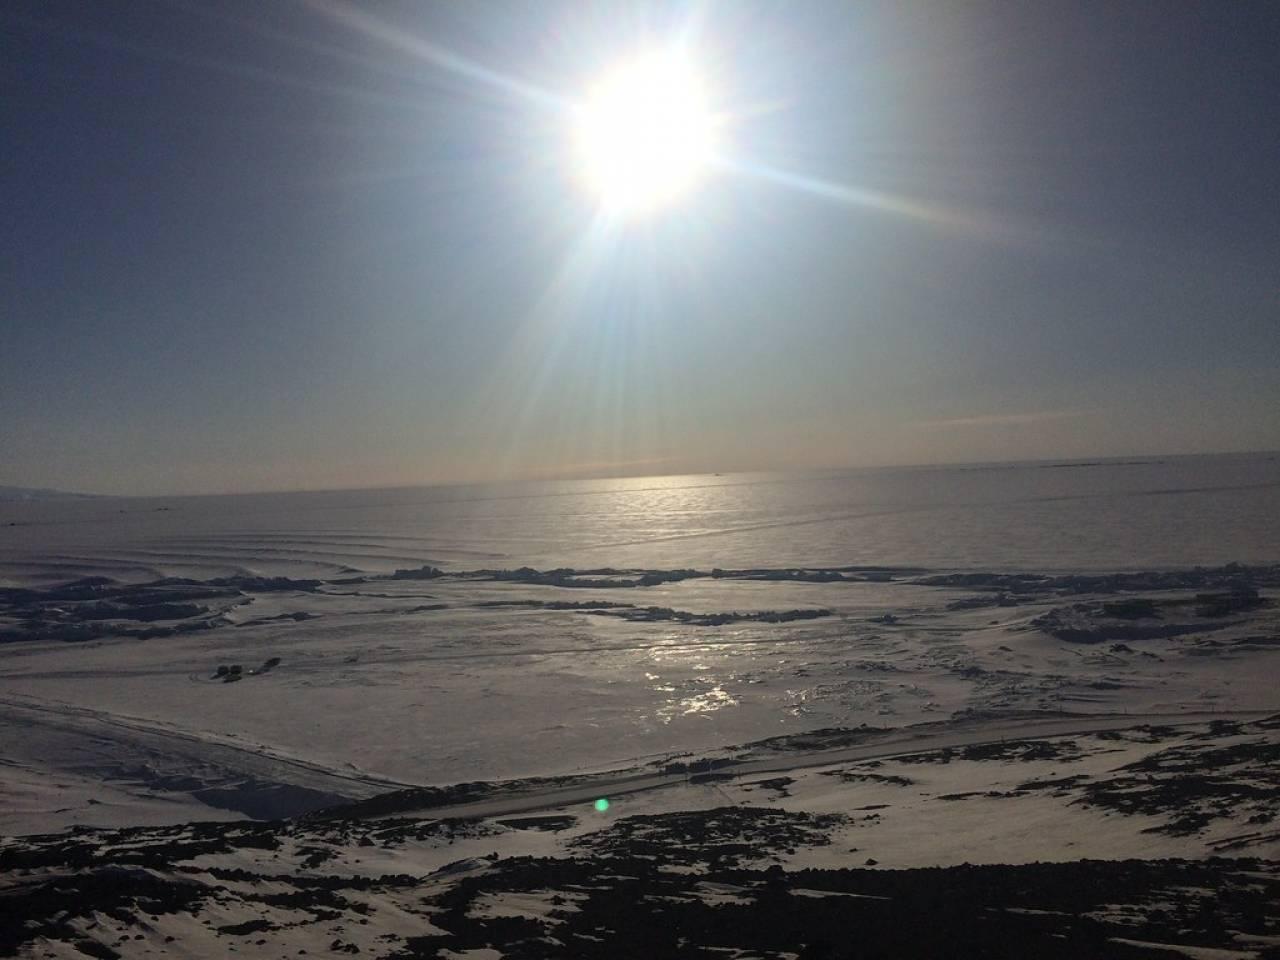 Polo Sud raggiunto un nuovo record di temperatura 20.7°C